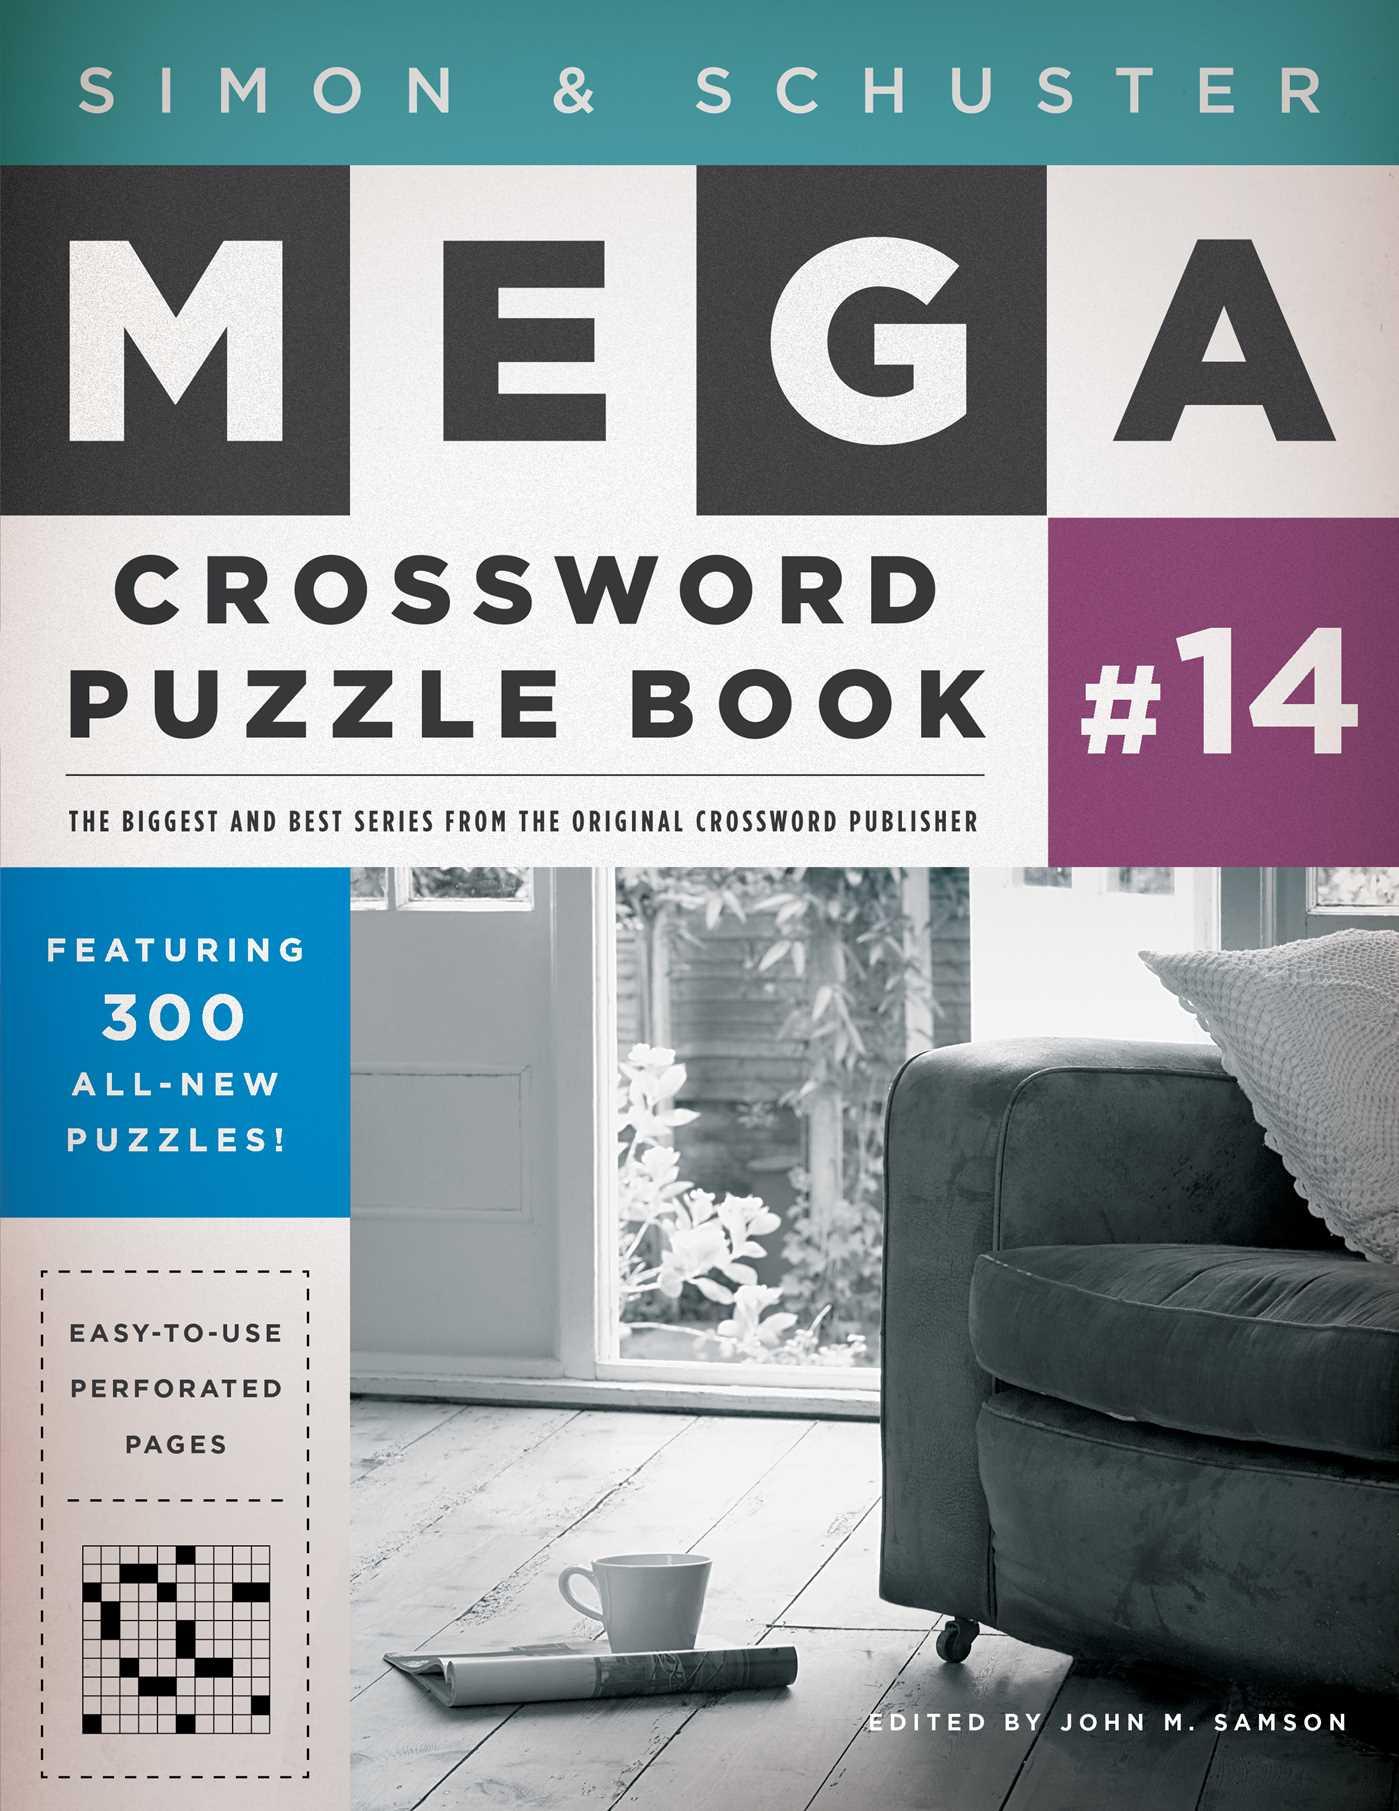 Simon schuster mega crossword puzzle book 14 9781476785455 hr